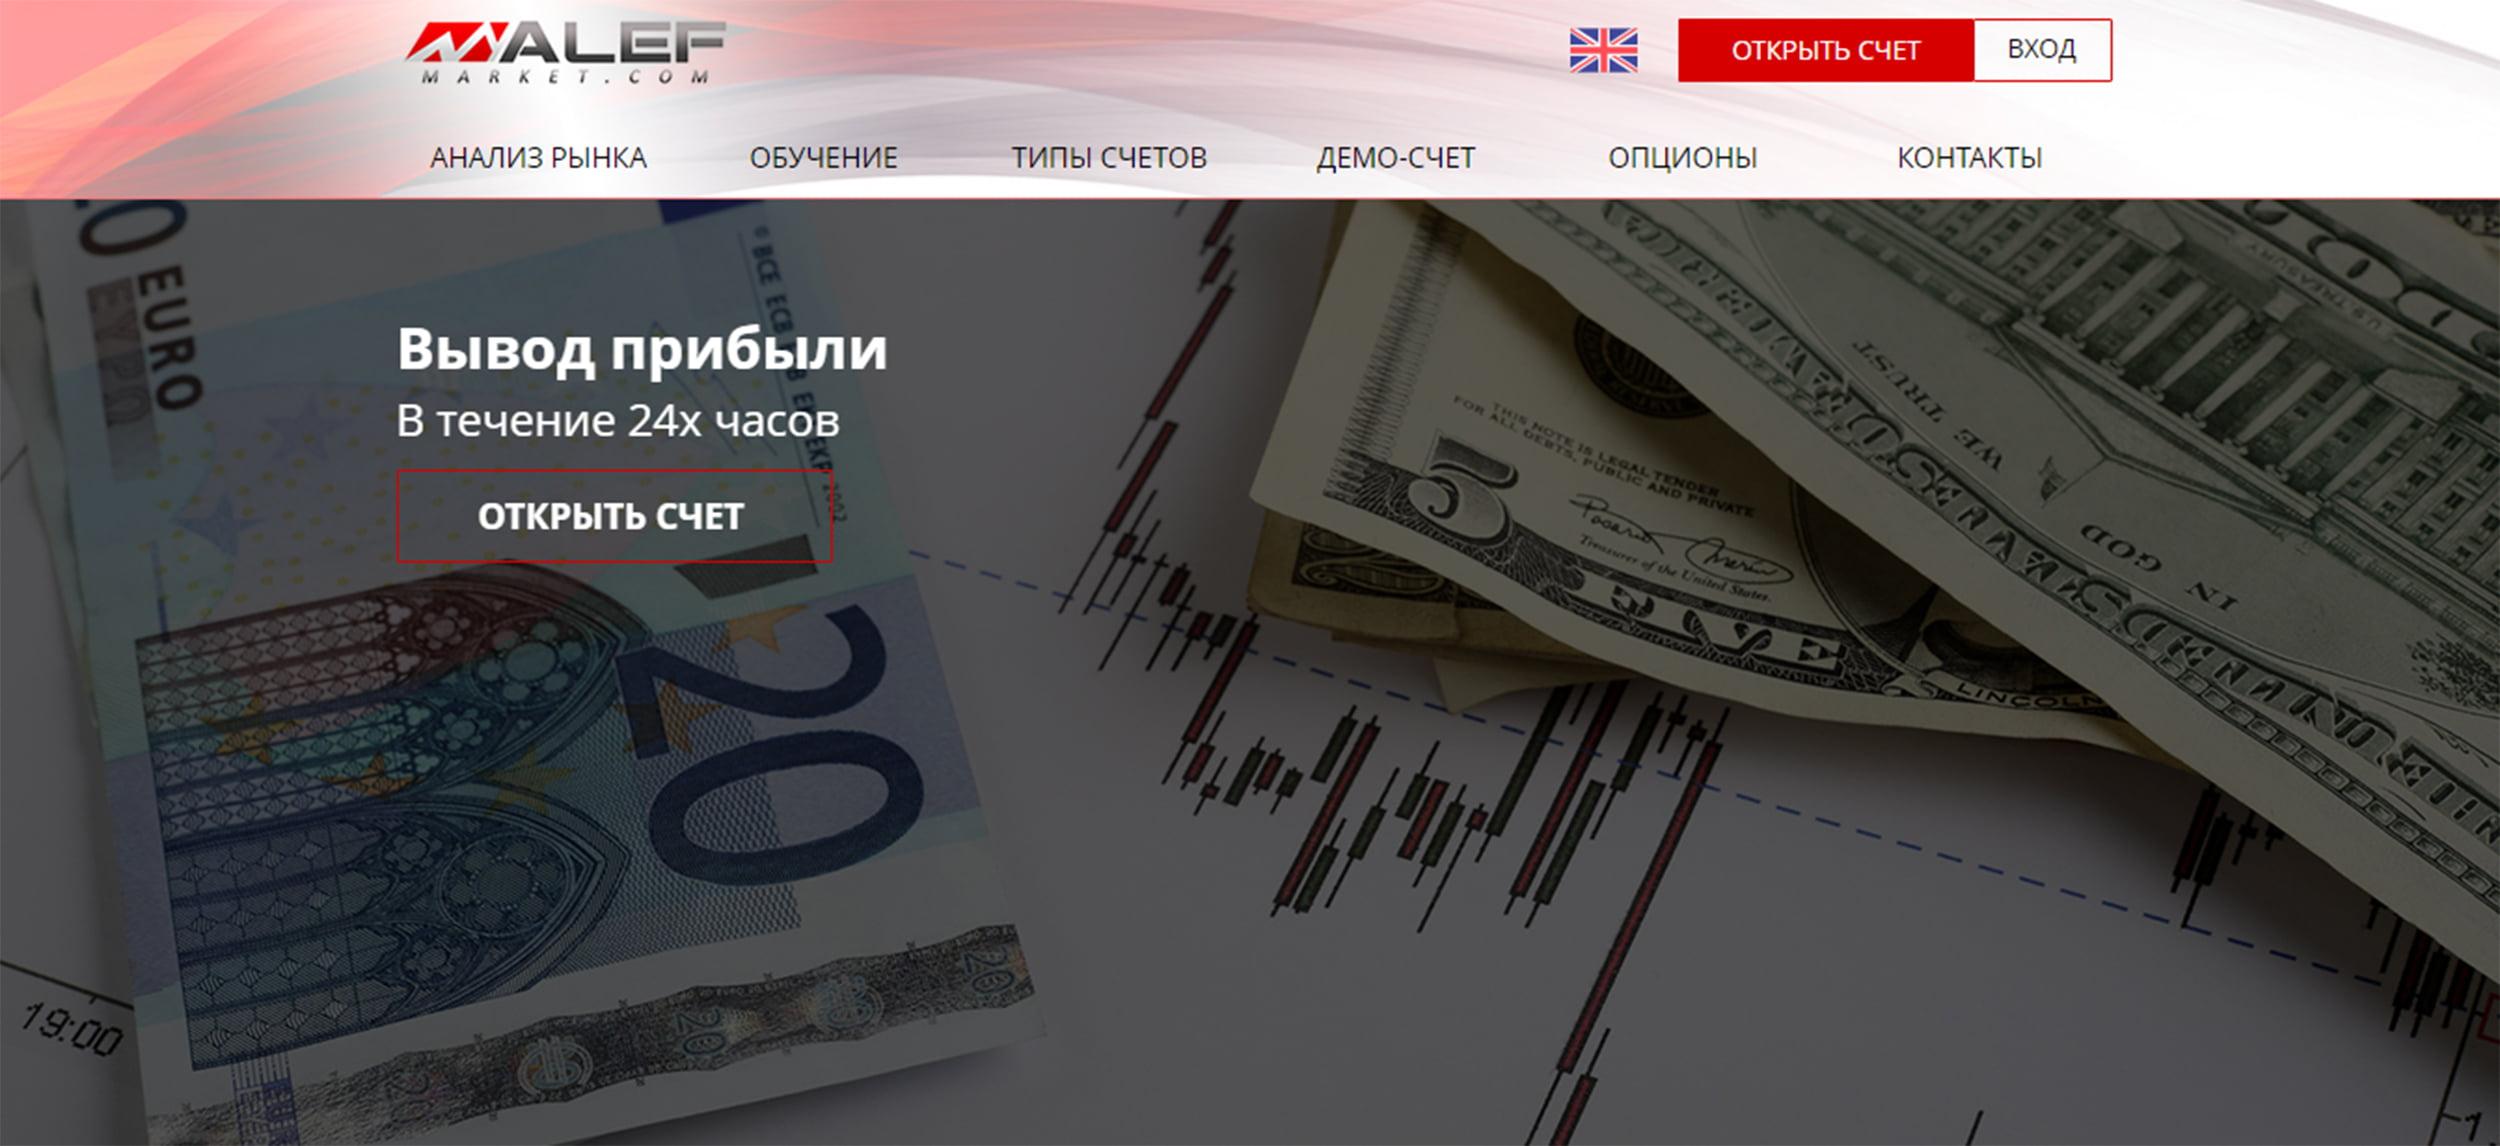 Проверка брокера AlefMarket.com. Отзывы пользователей